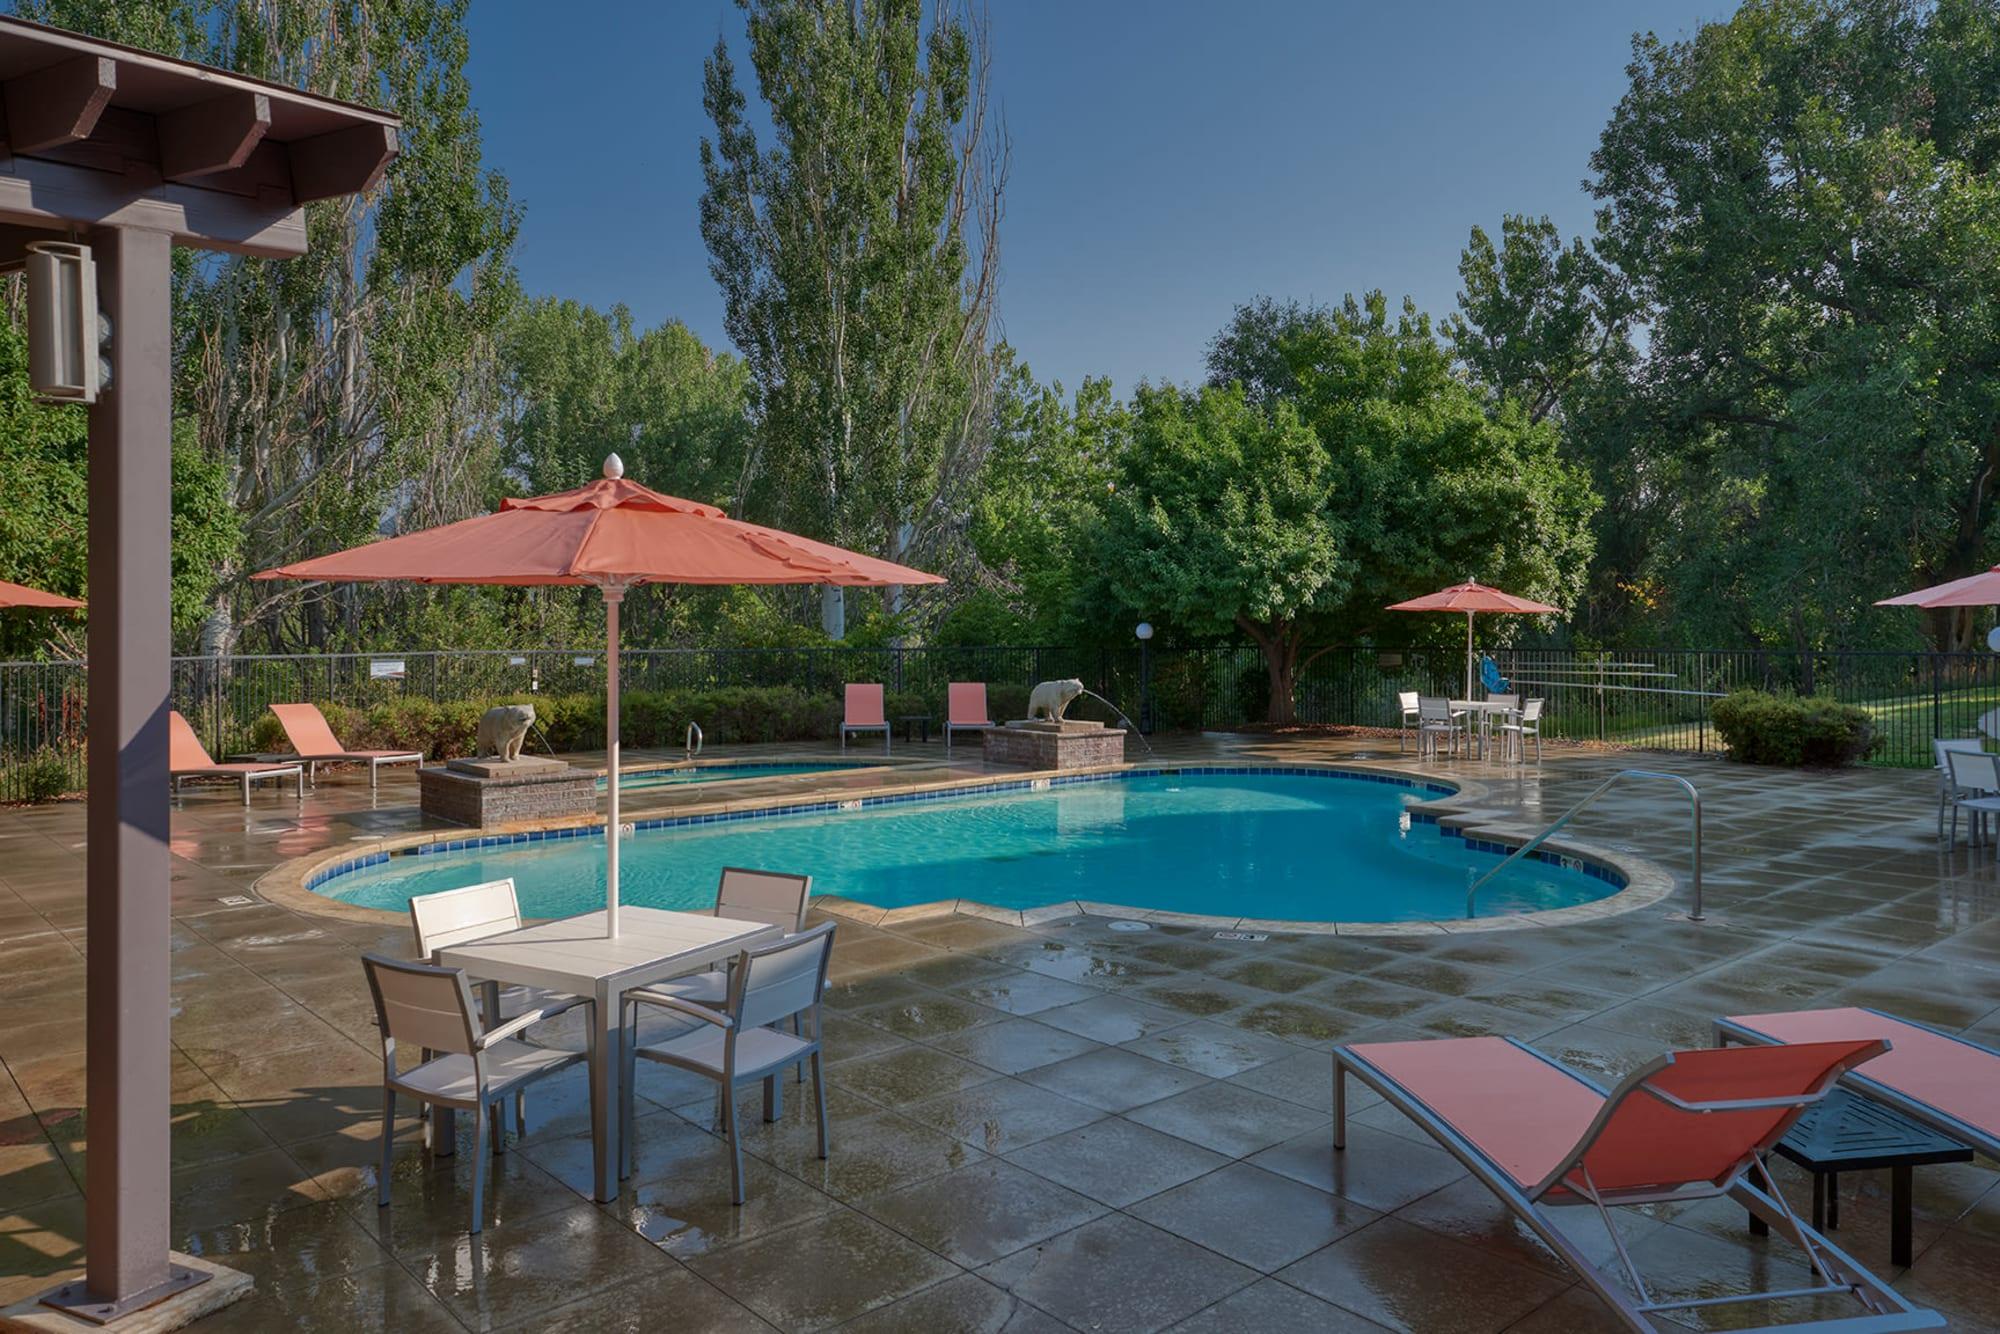 Pool at The Crossings at Bear Creek Apartments in Lakewood, Colorado